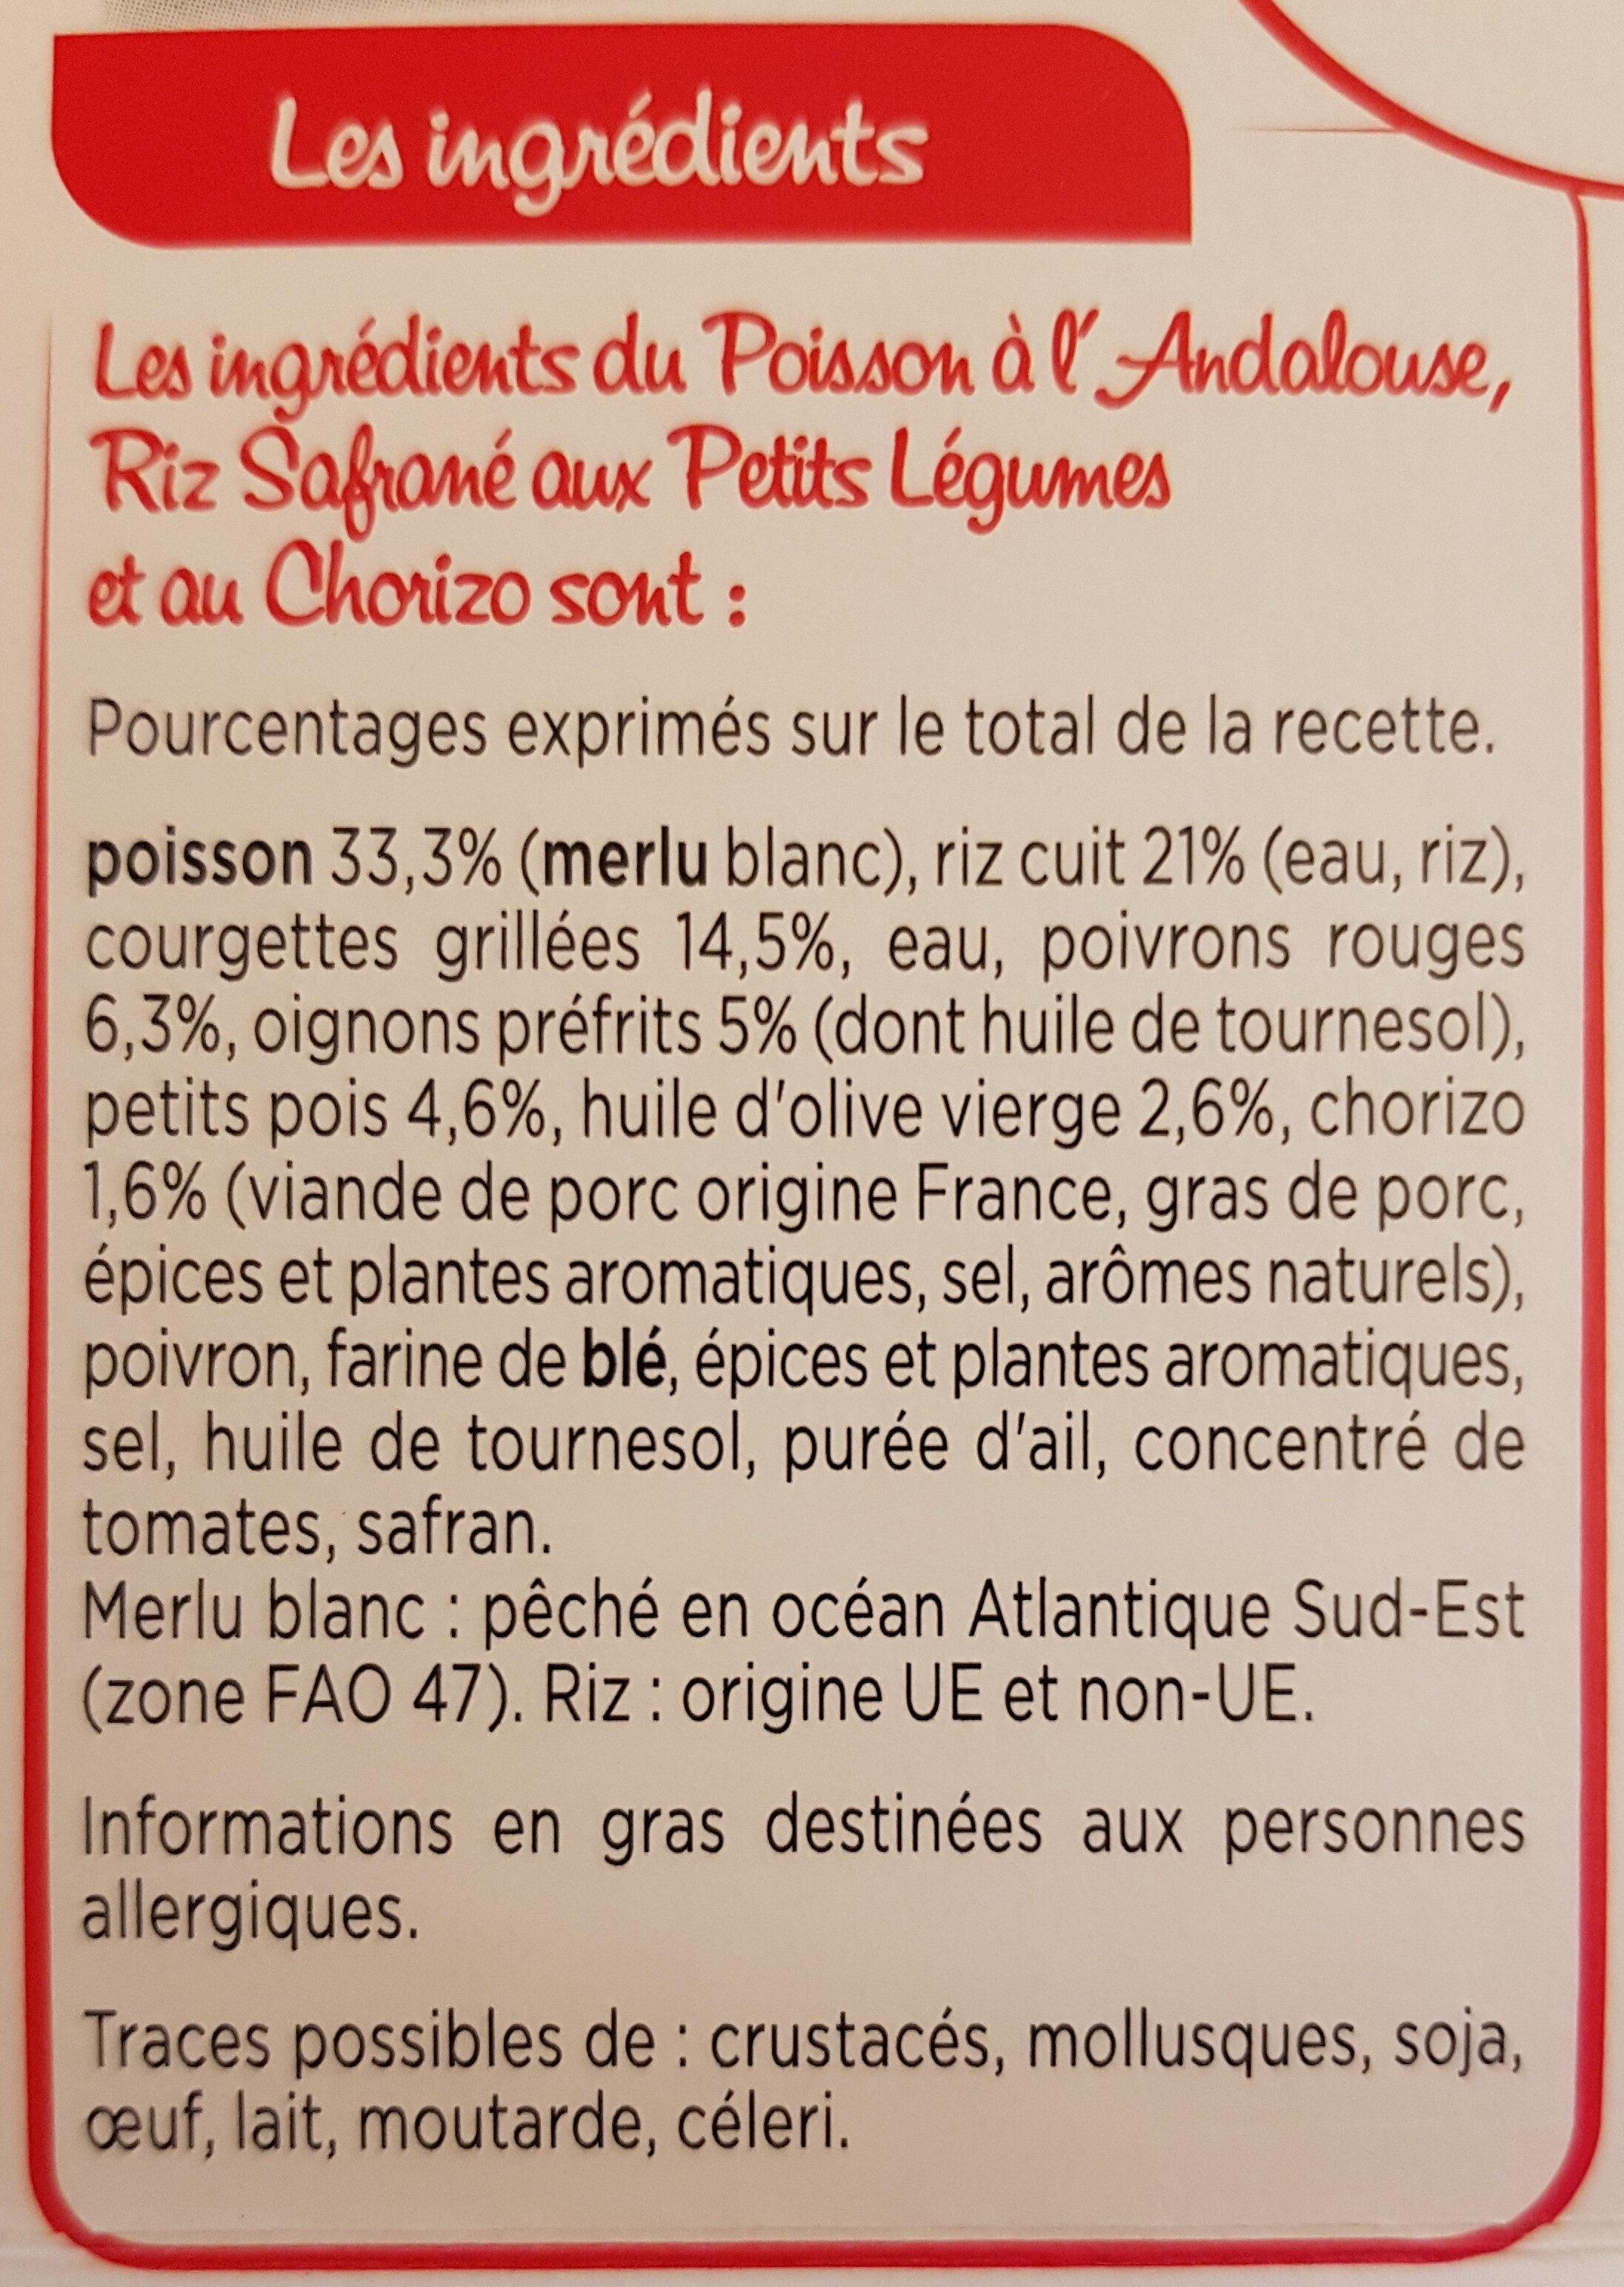 Poisson à l'andalouse riz safrané et courgettes grillées - Ingrédients - fr